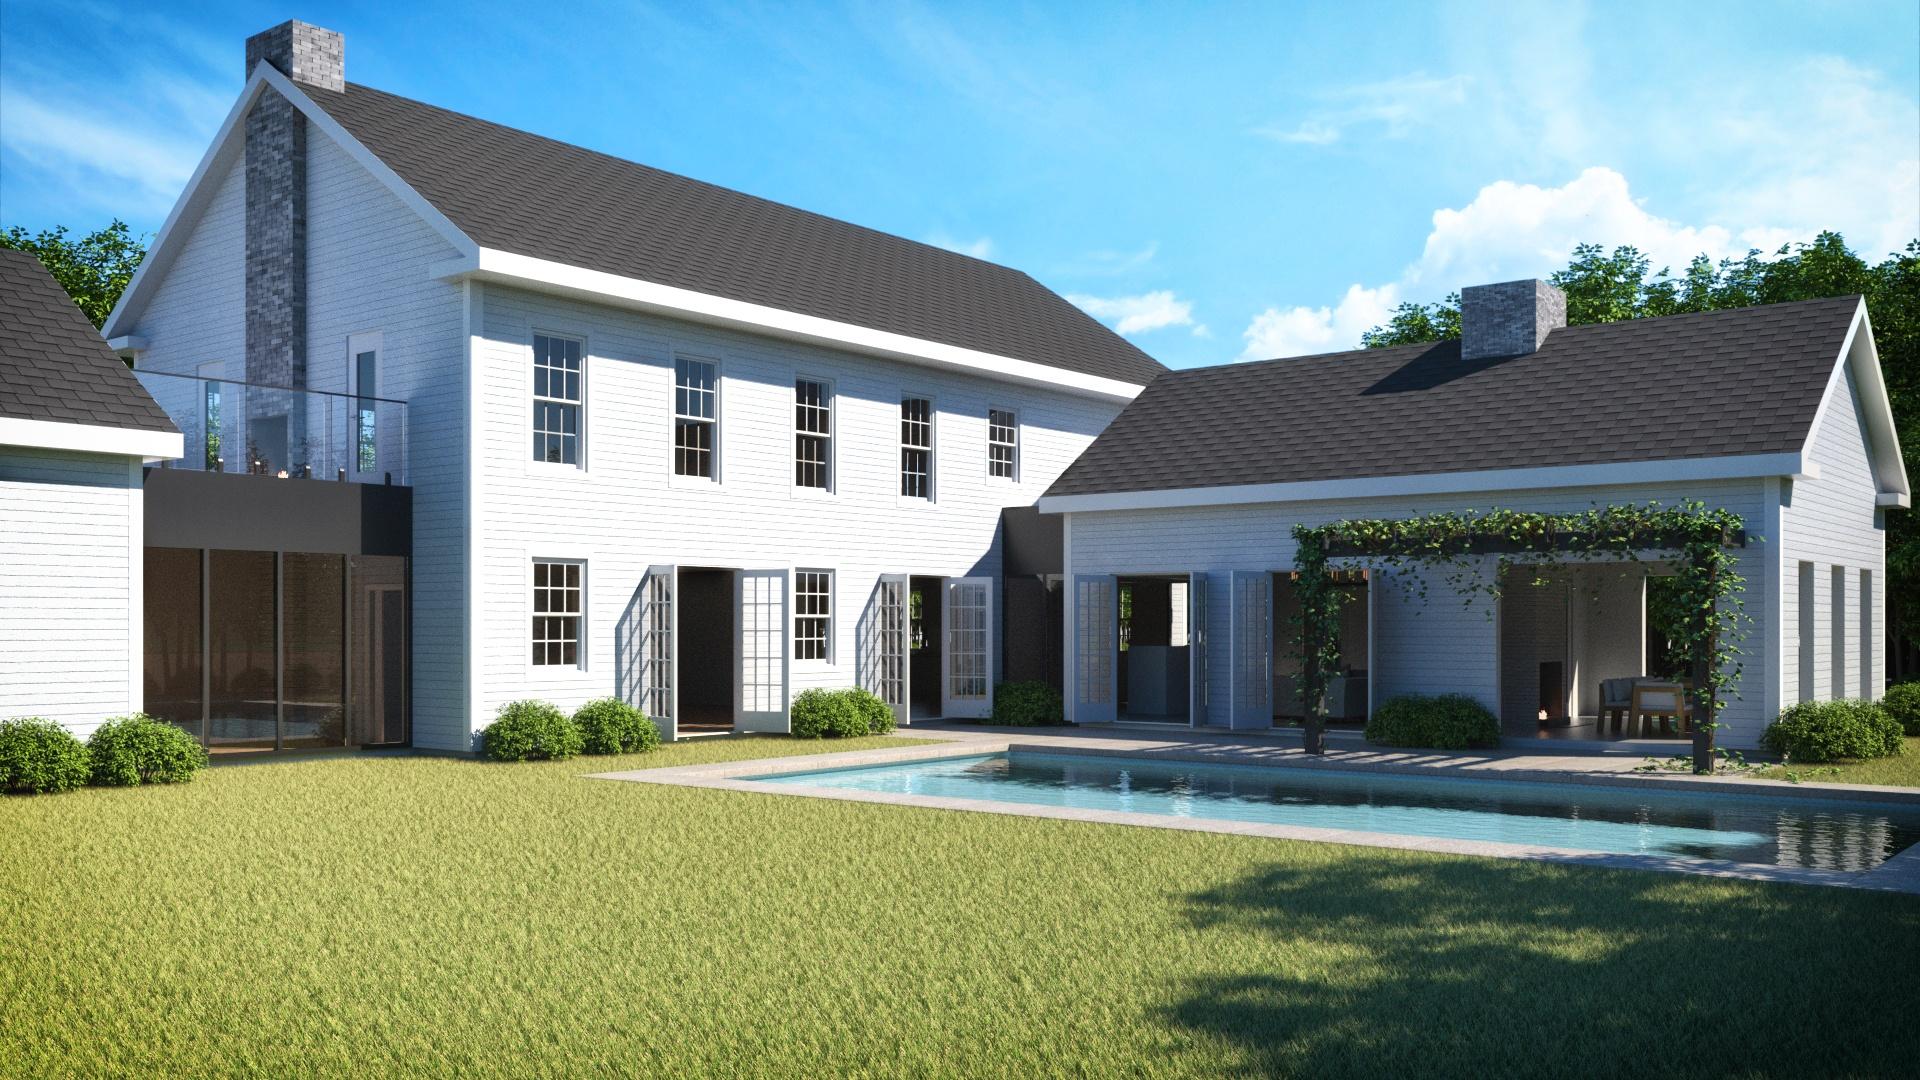 Pool - N. Sea Road - Hamptons